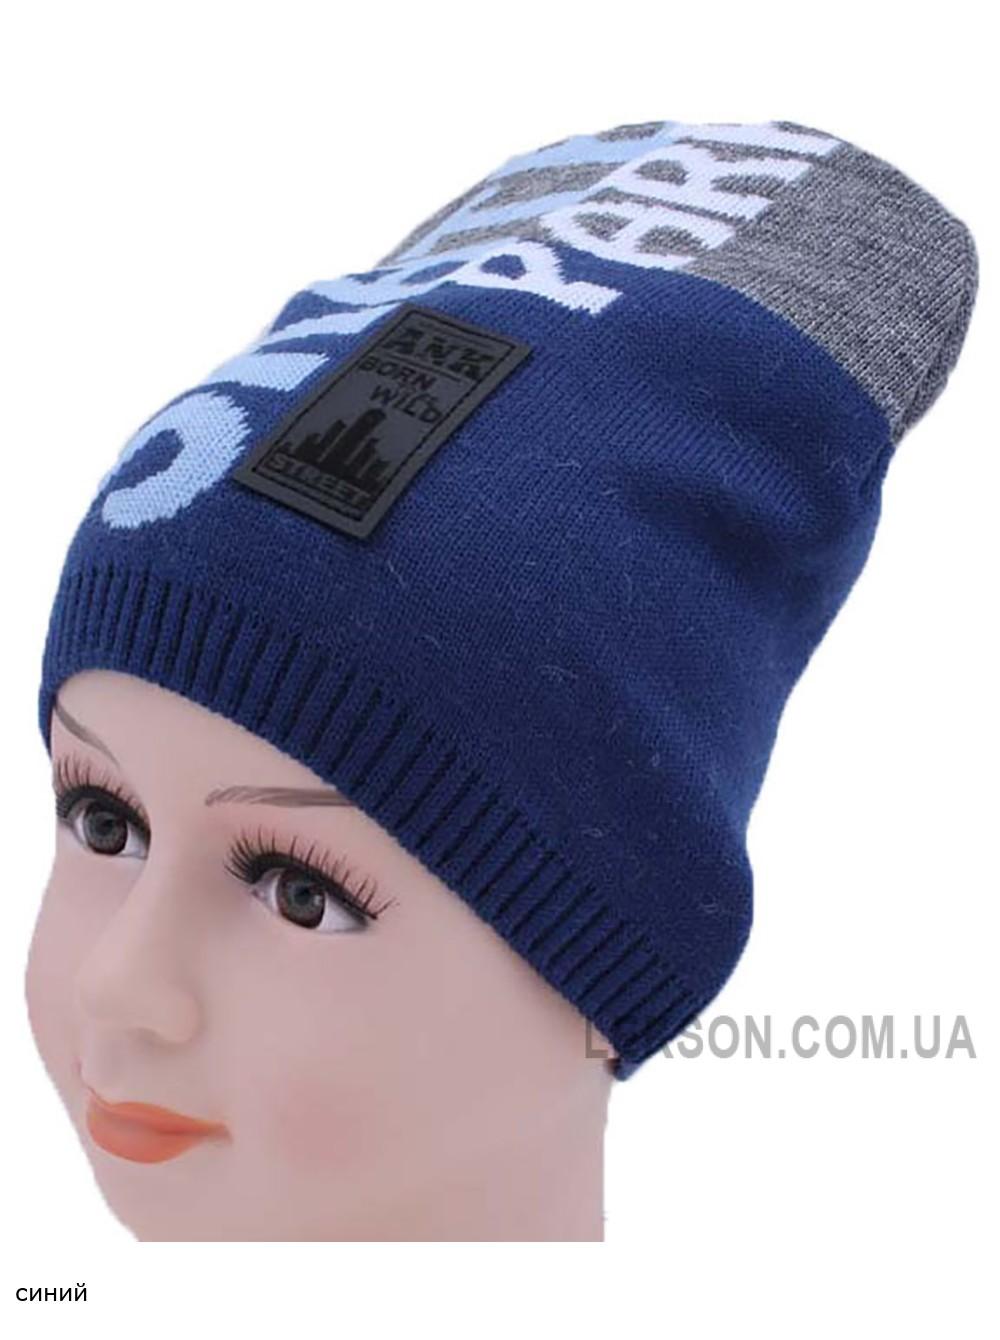 Детская вязаная шапка Скейт